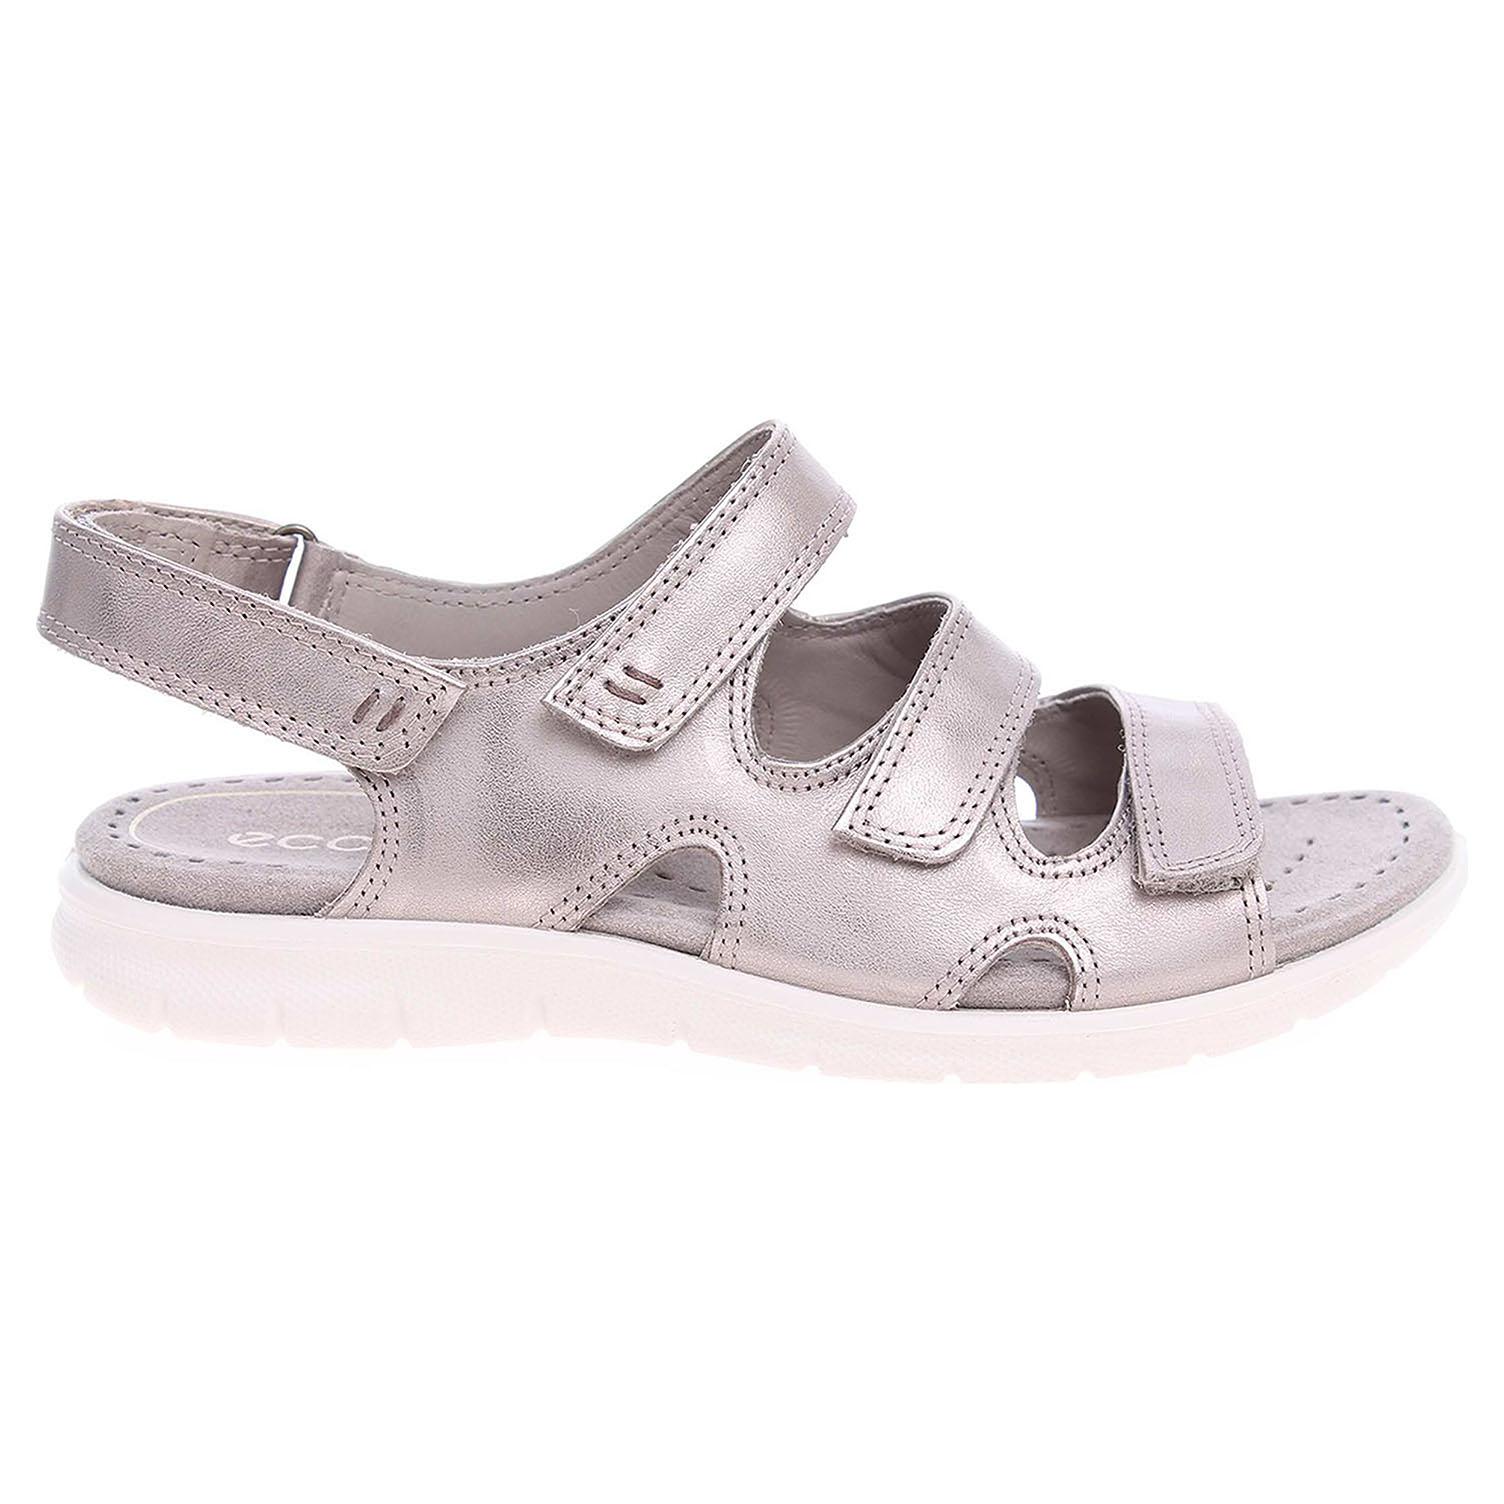 Ecco Babett dámské sandály 21401311459 bronzové 41